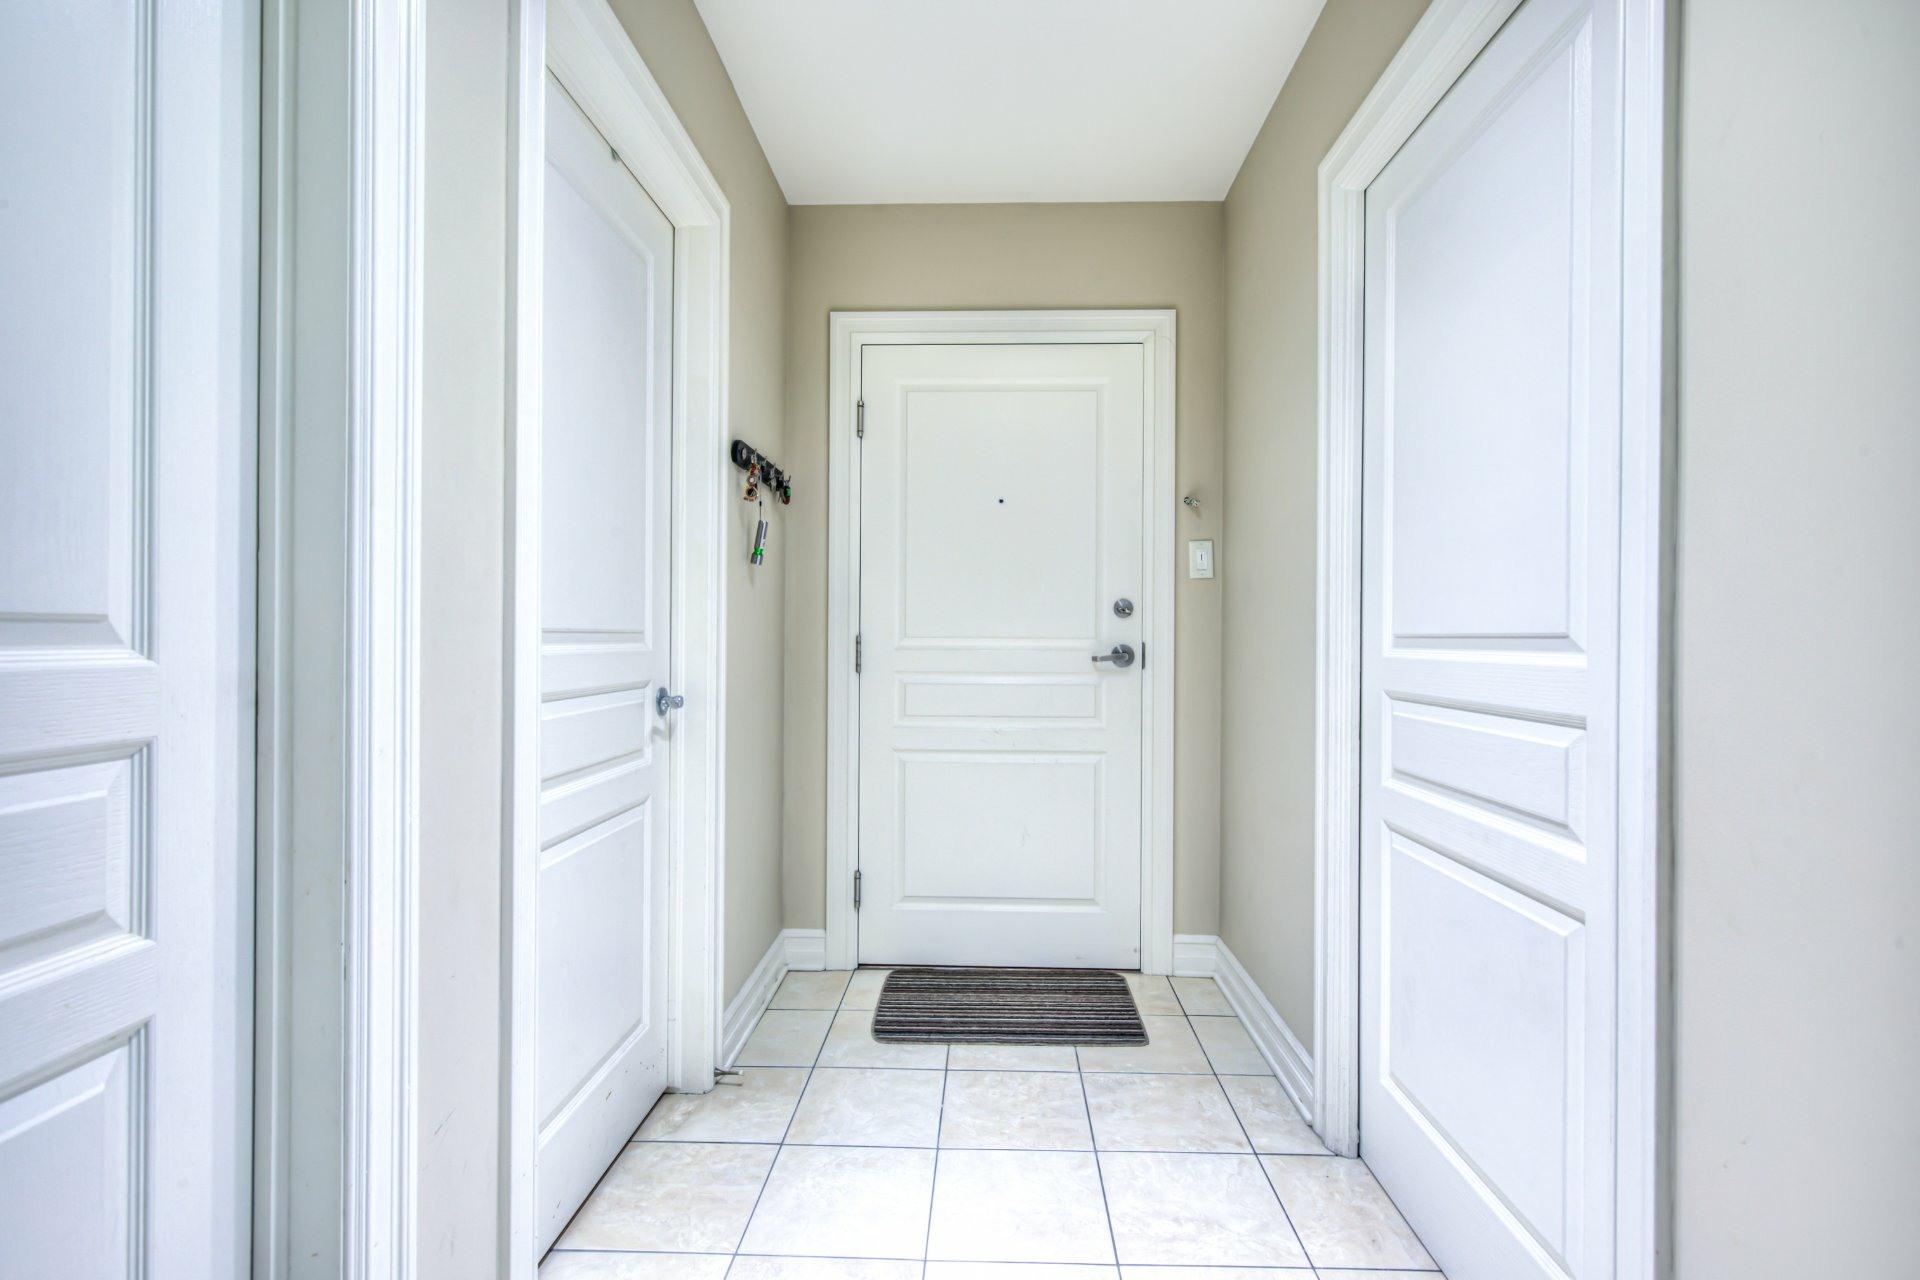 image 2 - Appartement À vendre Saint-Laurent Montréal  - 7 pièces